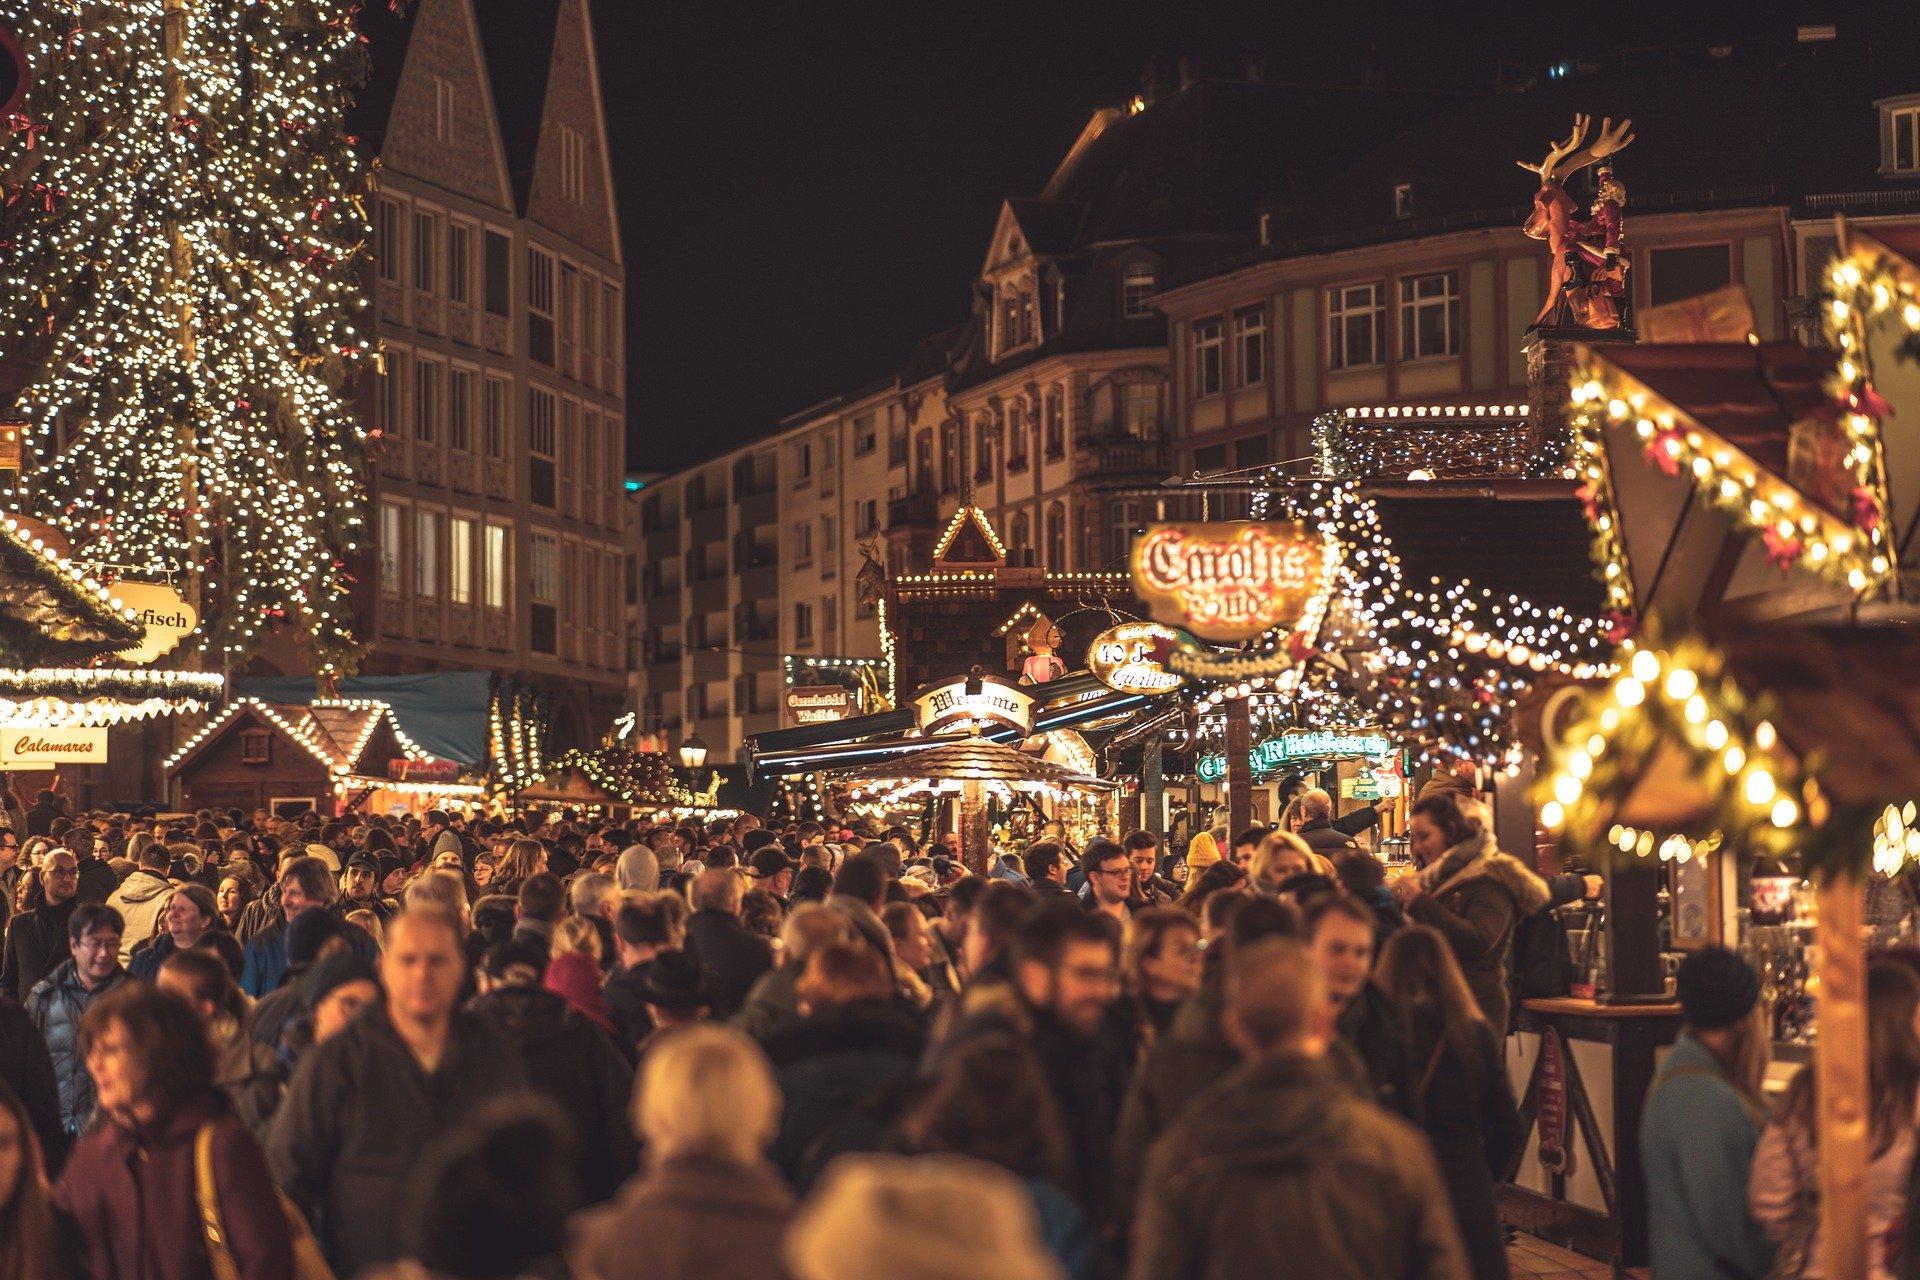 Un marché de Noël en Allemagne